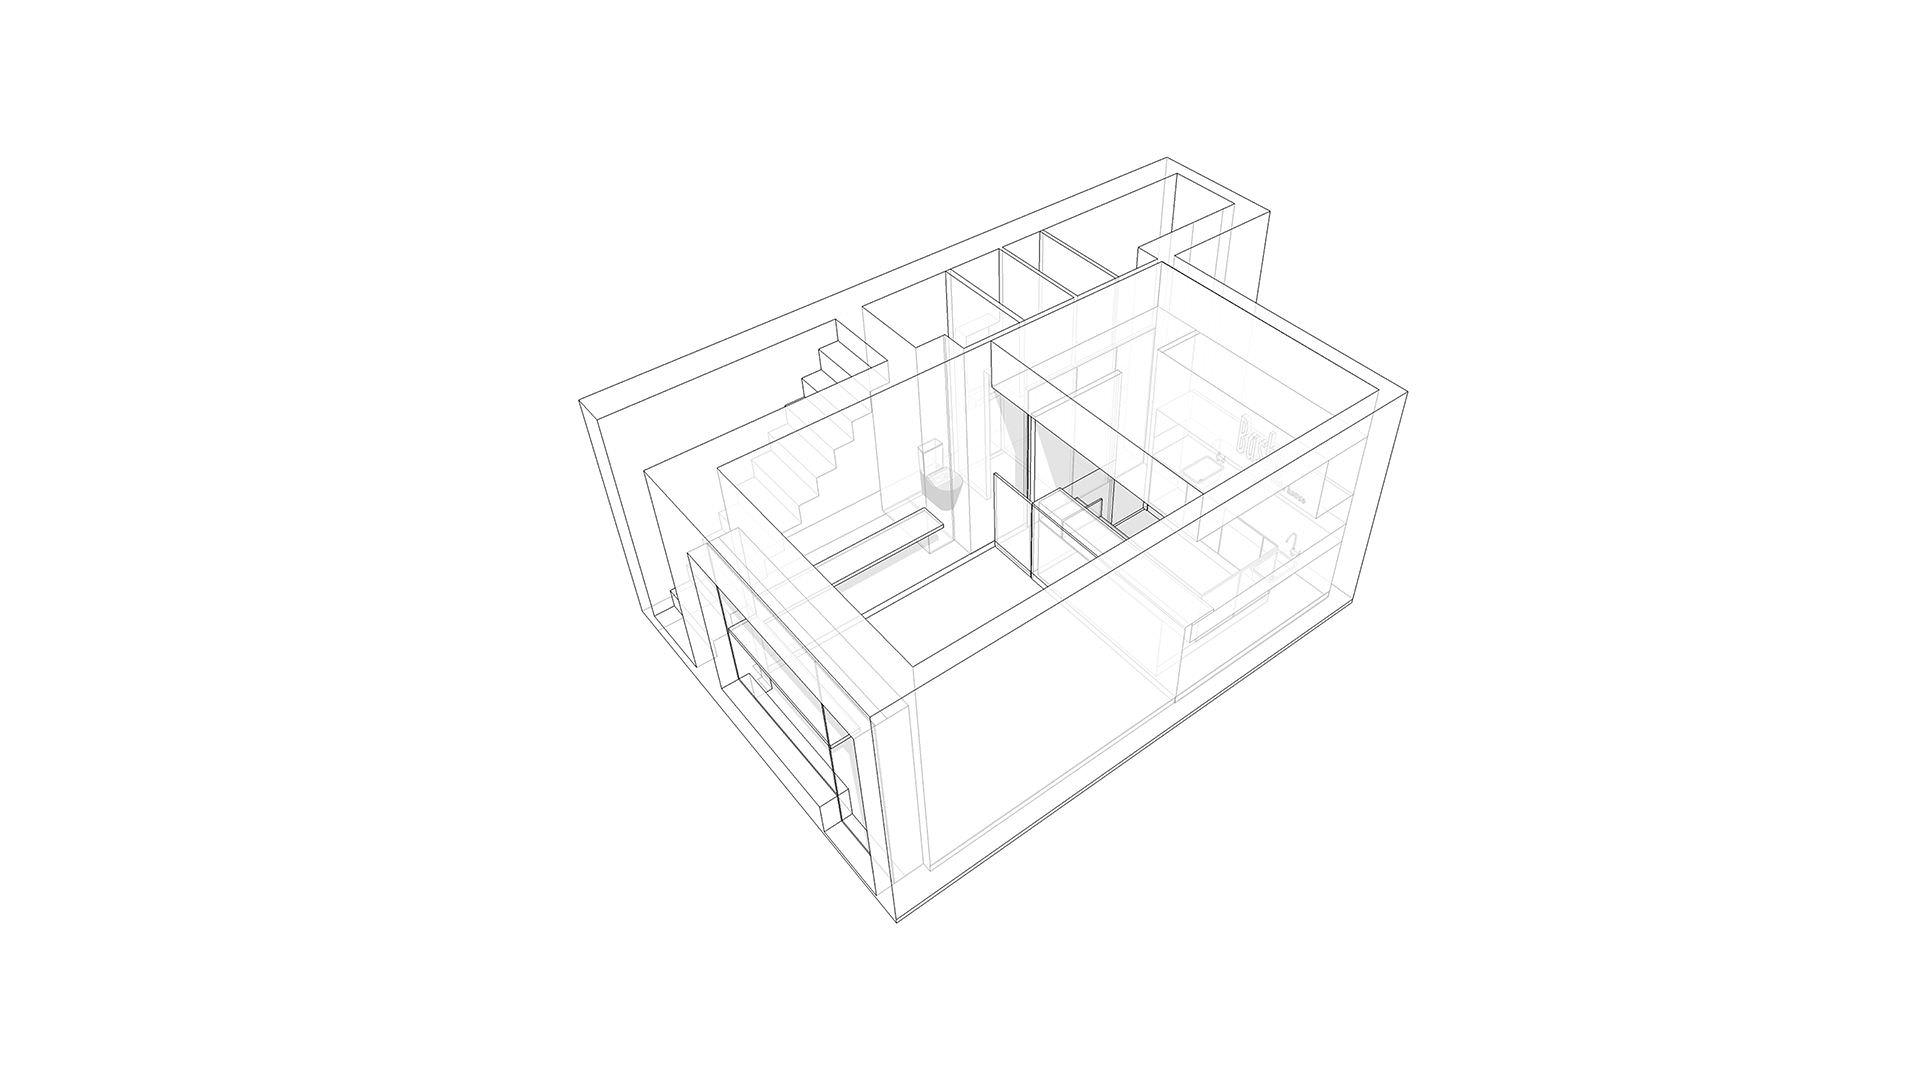 BASHO SUSHI HOUSE scheme